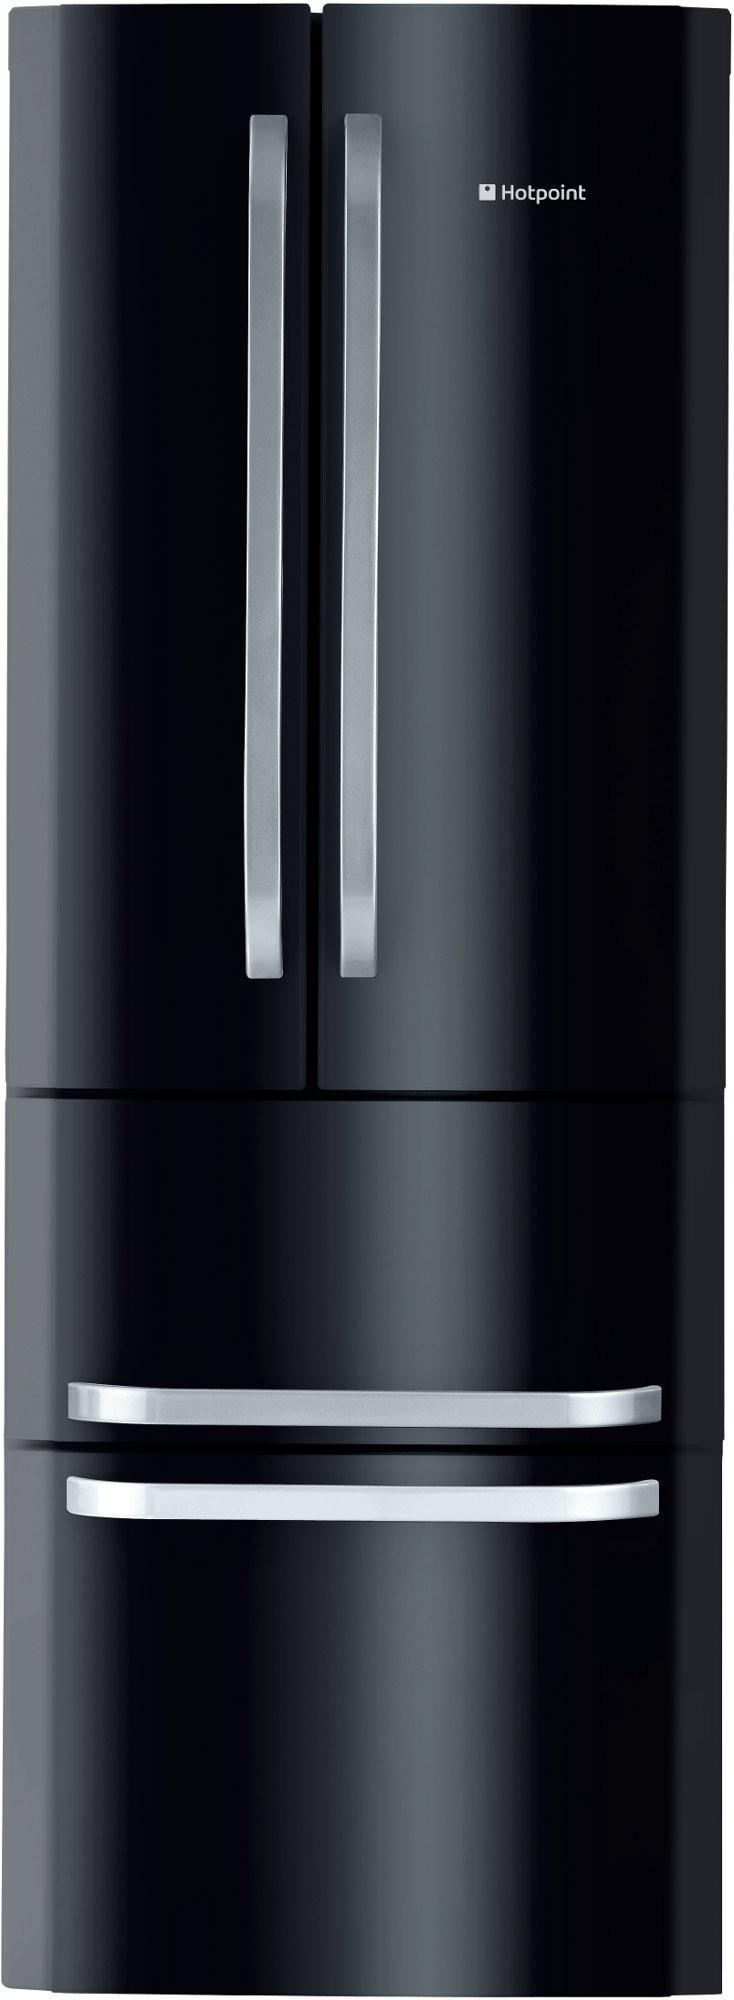 Photo Réfrigérateur Combiné Hotpoint E4DAABC